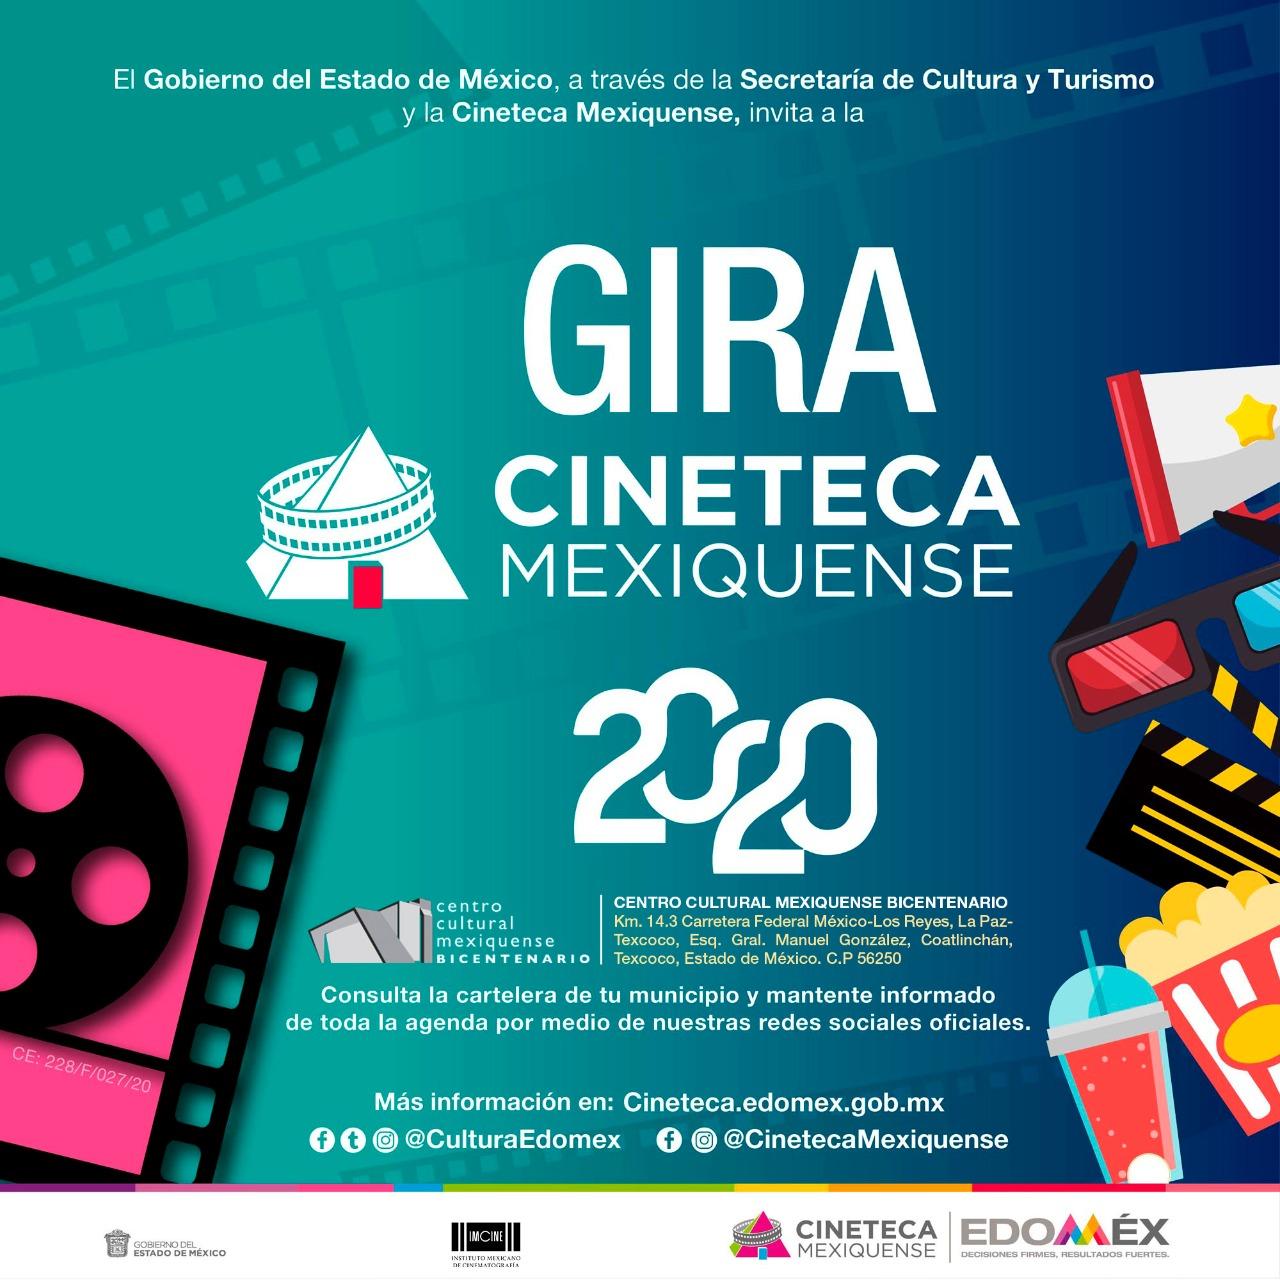 Llega cartelera de la cineteca estatal al centro cultural mexiquense bicentenario, en Texcoco